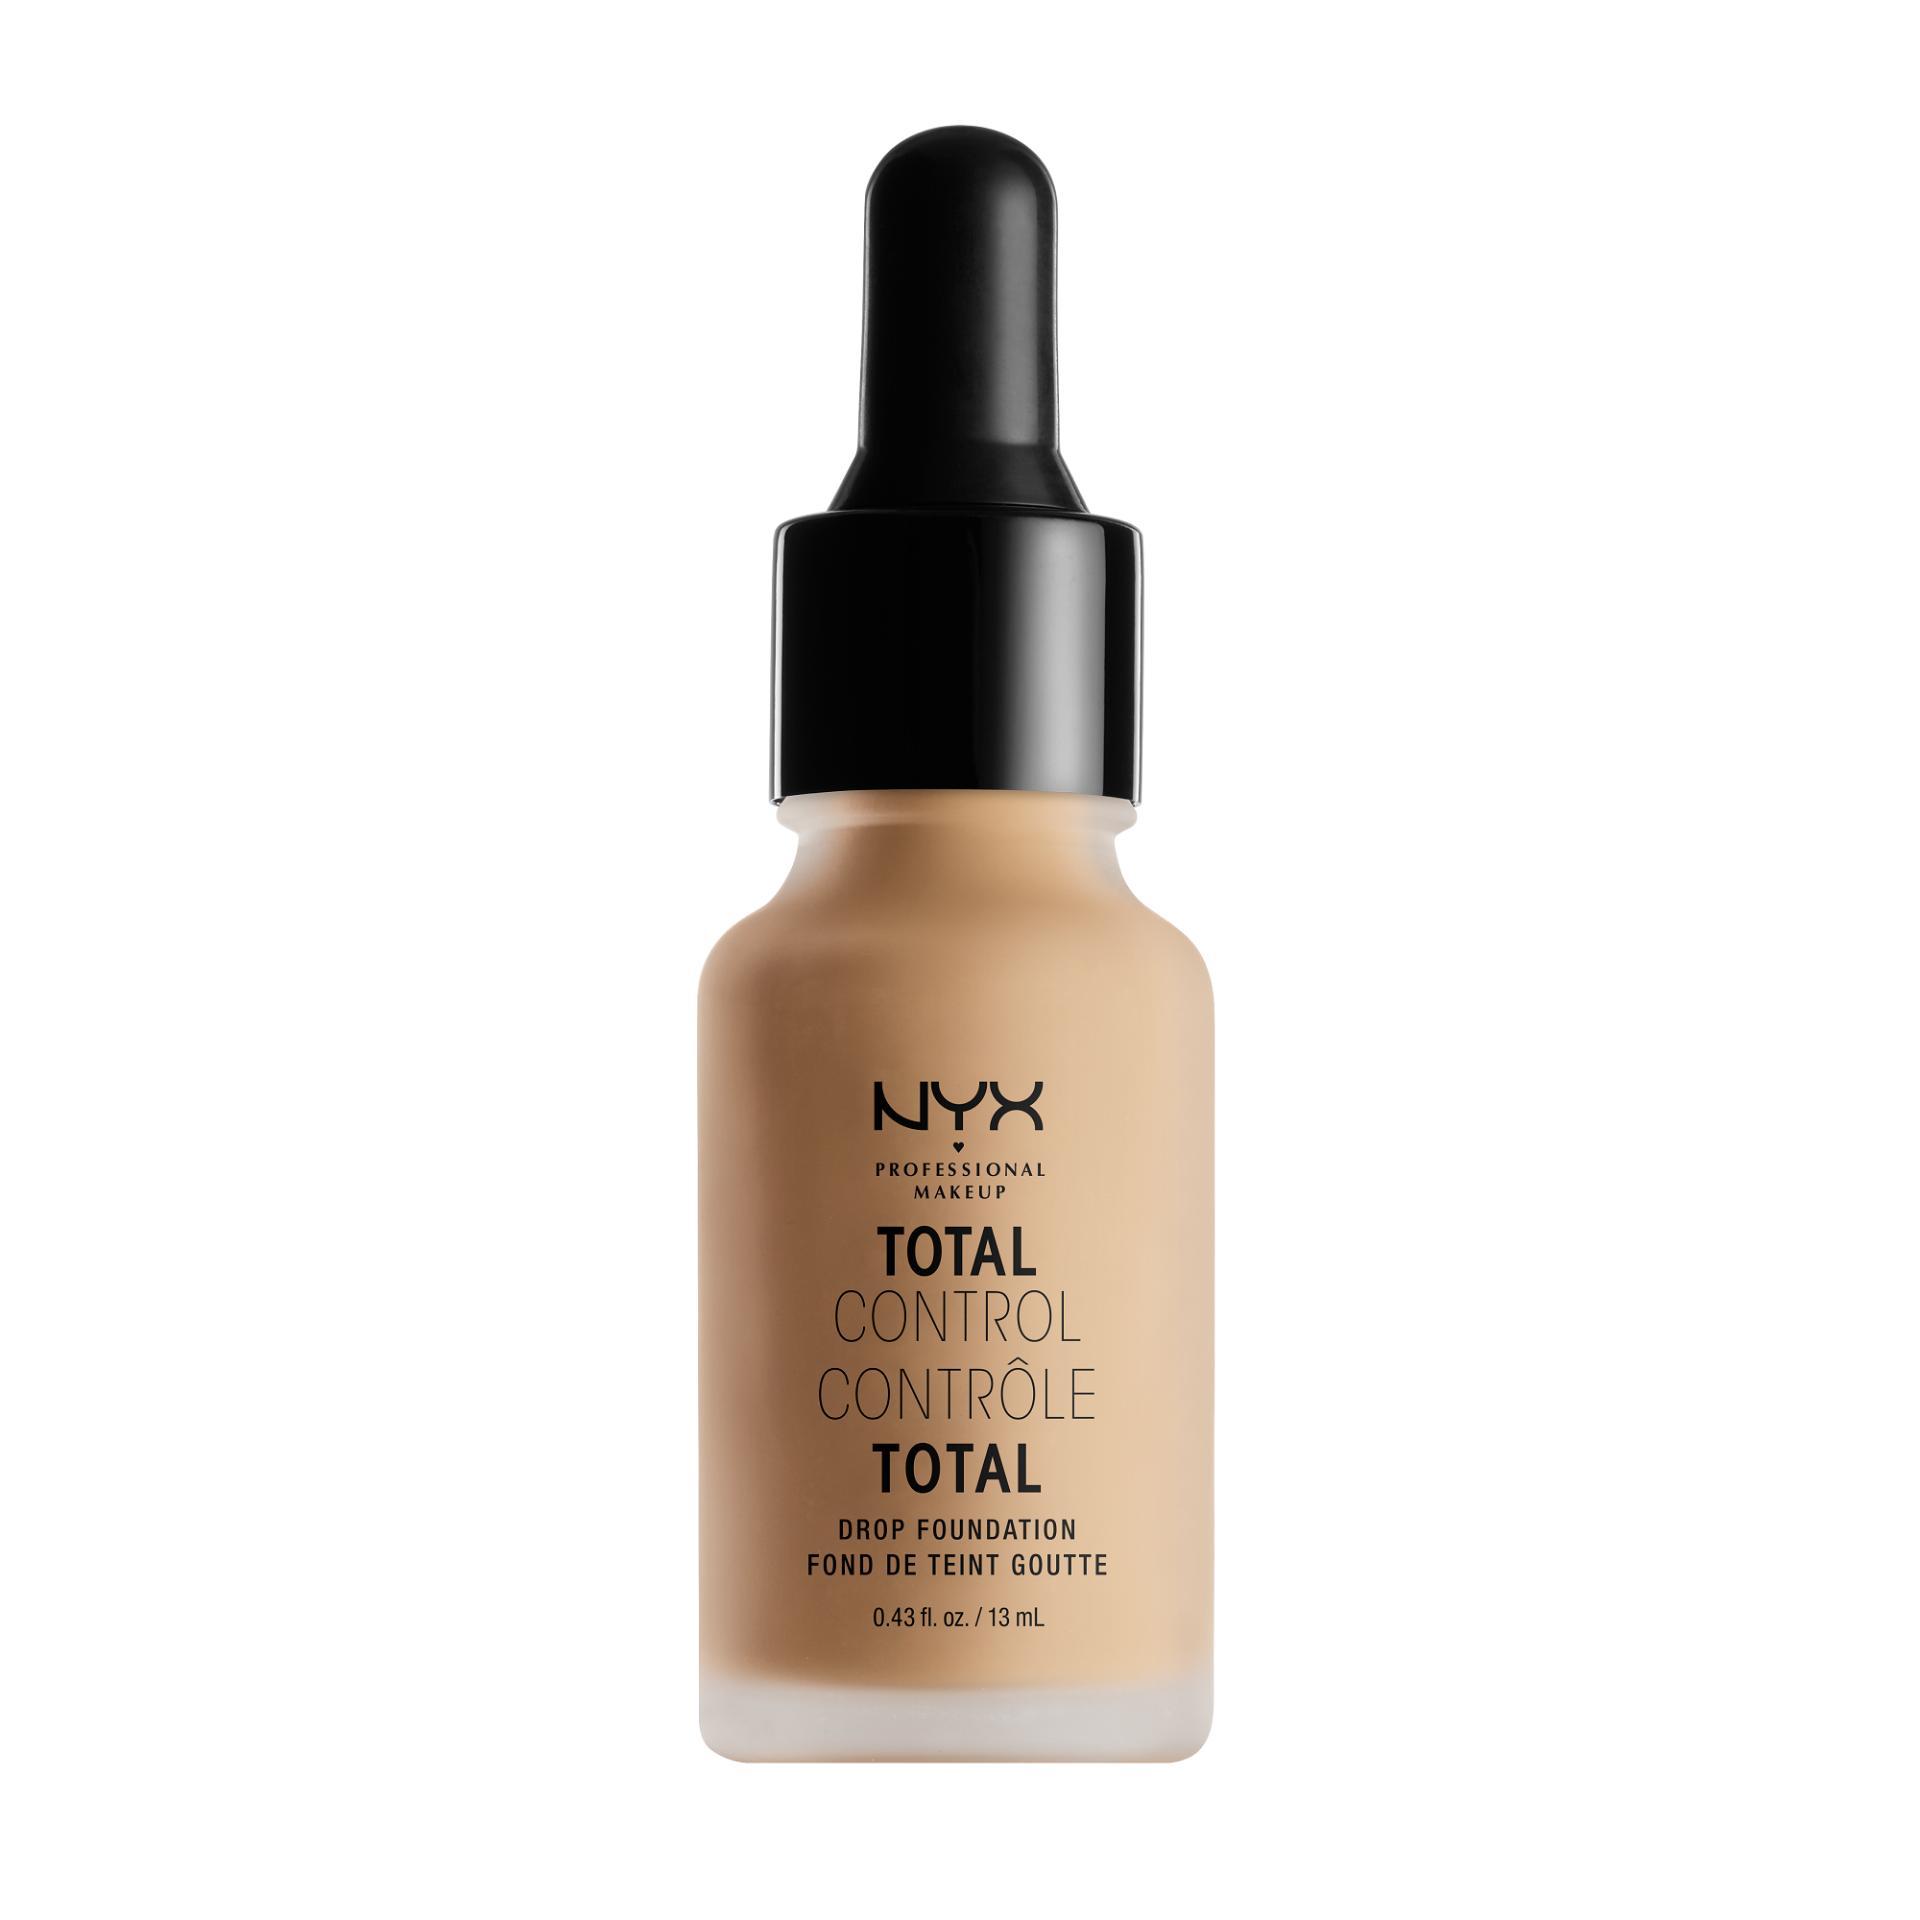 Nyx Professional Makeup Total Control Drop Foundation Medium Alas Bedak Cair Liquid Hasil Matte Untuk Kulit Normal Dan Berminyak Termasuk Dropper Pipet Promo Beli 1 Gratis 1